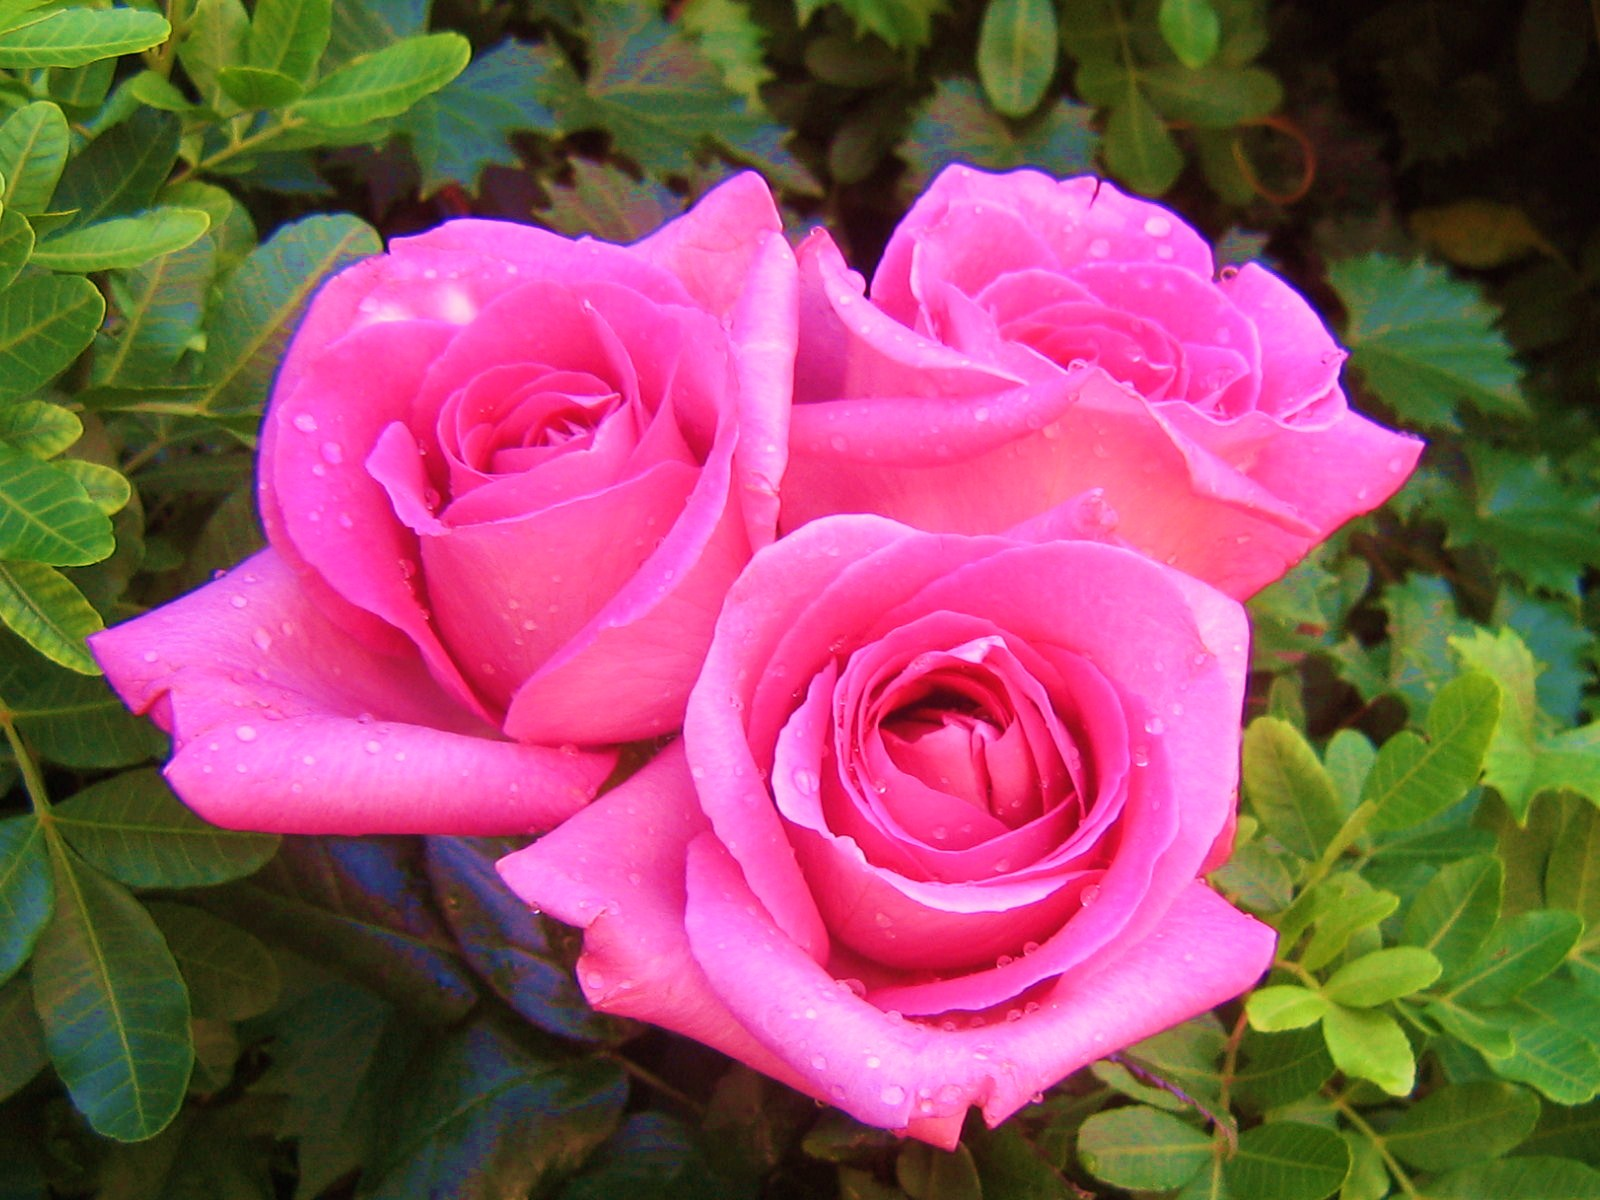 Самые красивые фото цветов и букетов роз (35 фото) • прикольные.